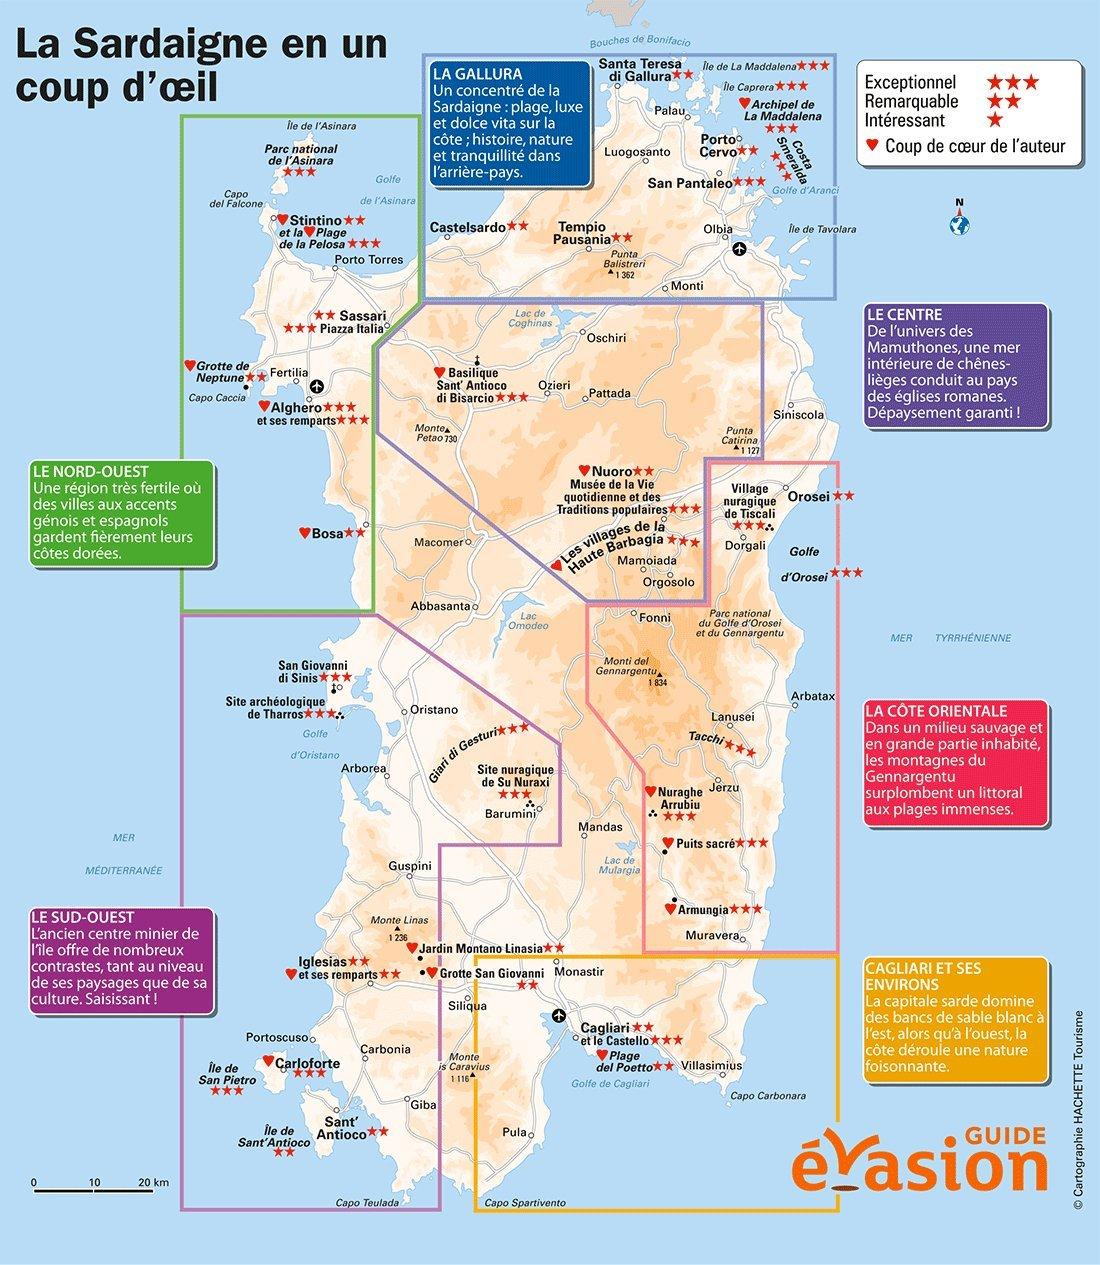 Carte Touristique De Sardaigne Voyages Cartes